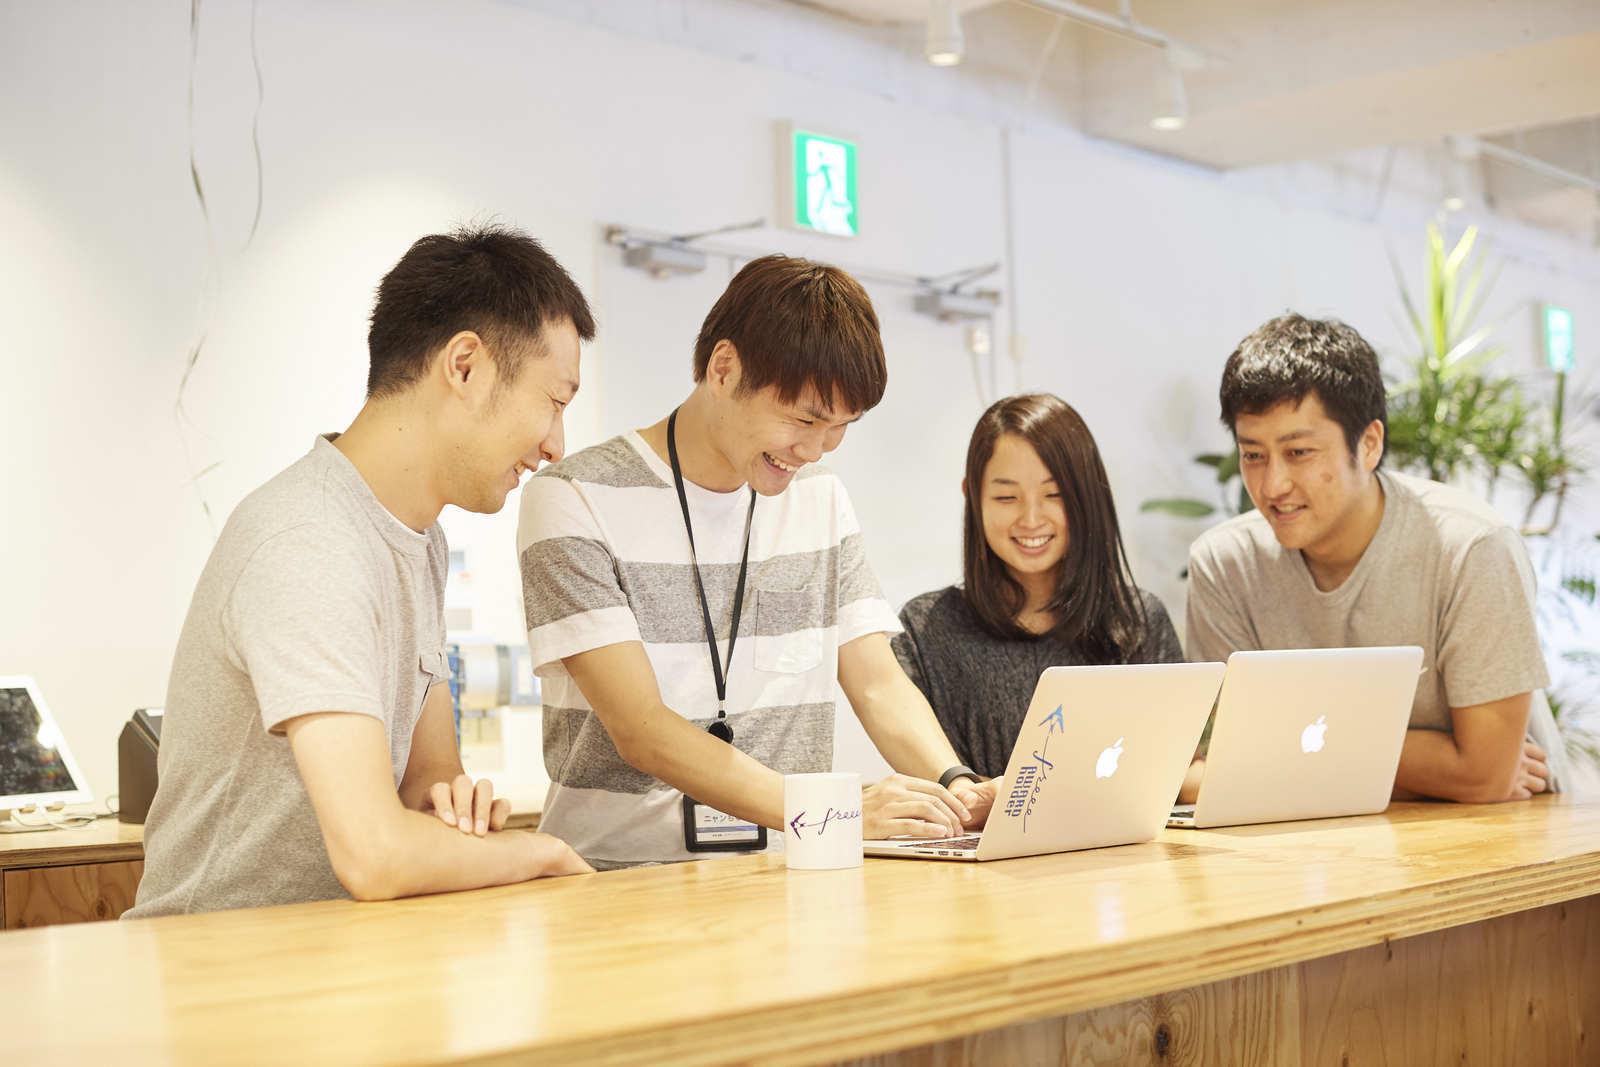 全自動クラウド会計ソフト「freee」が、ビジネスチームを支える仕組みを一緒に作るエンジニアを募集!